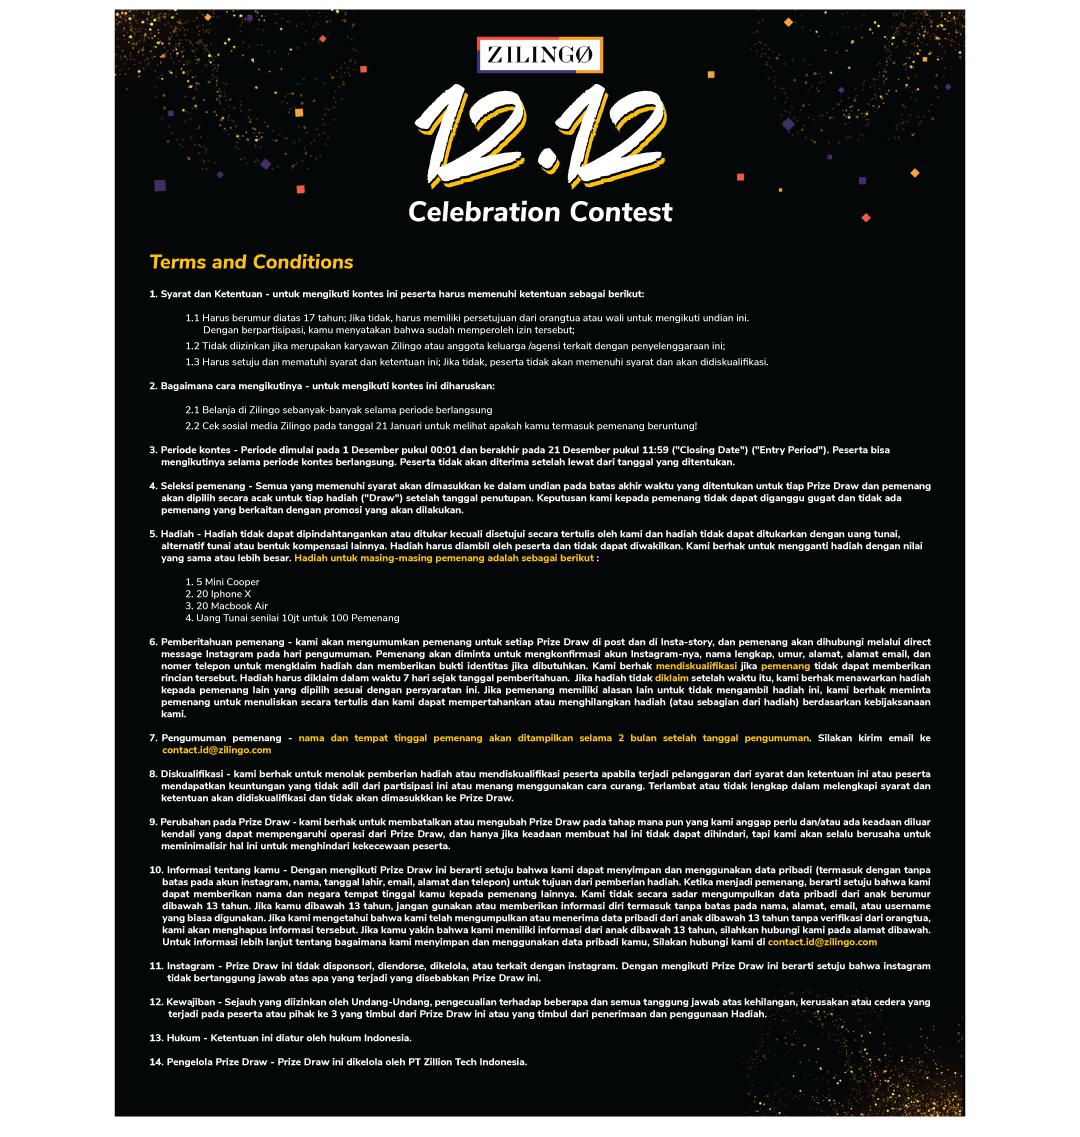 Zilingo - Promo Diskon s.d 90% di 12.12 Celebration + Kontest (s.d 21 Des 2018)